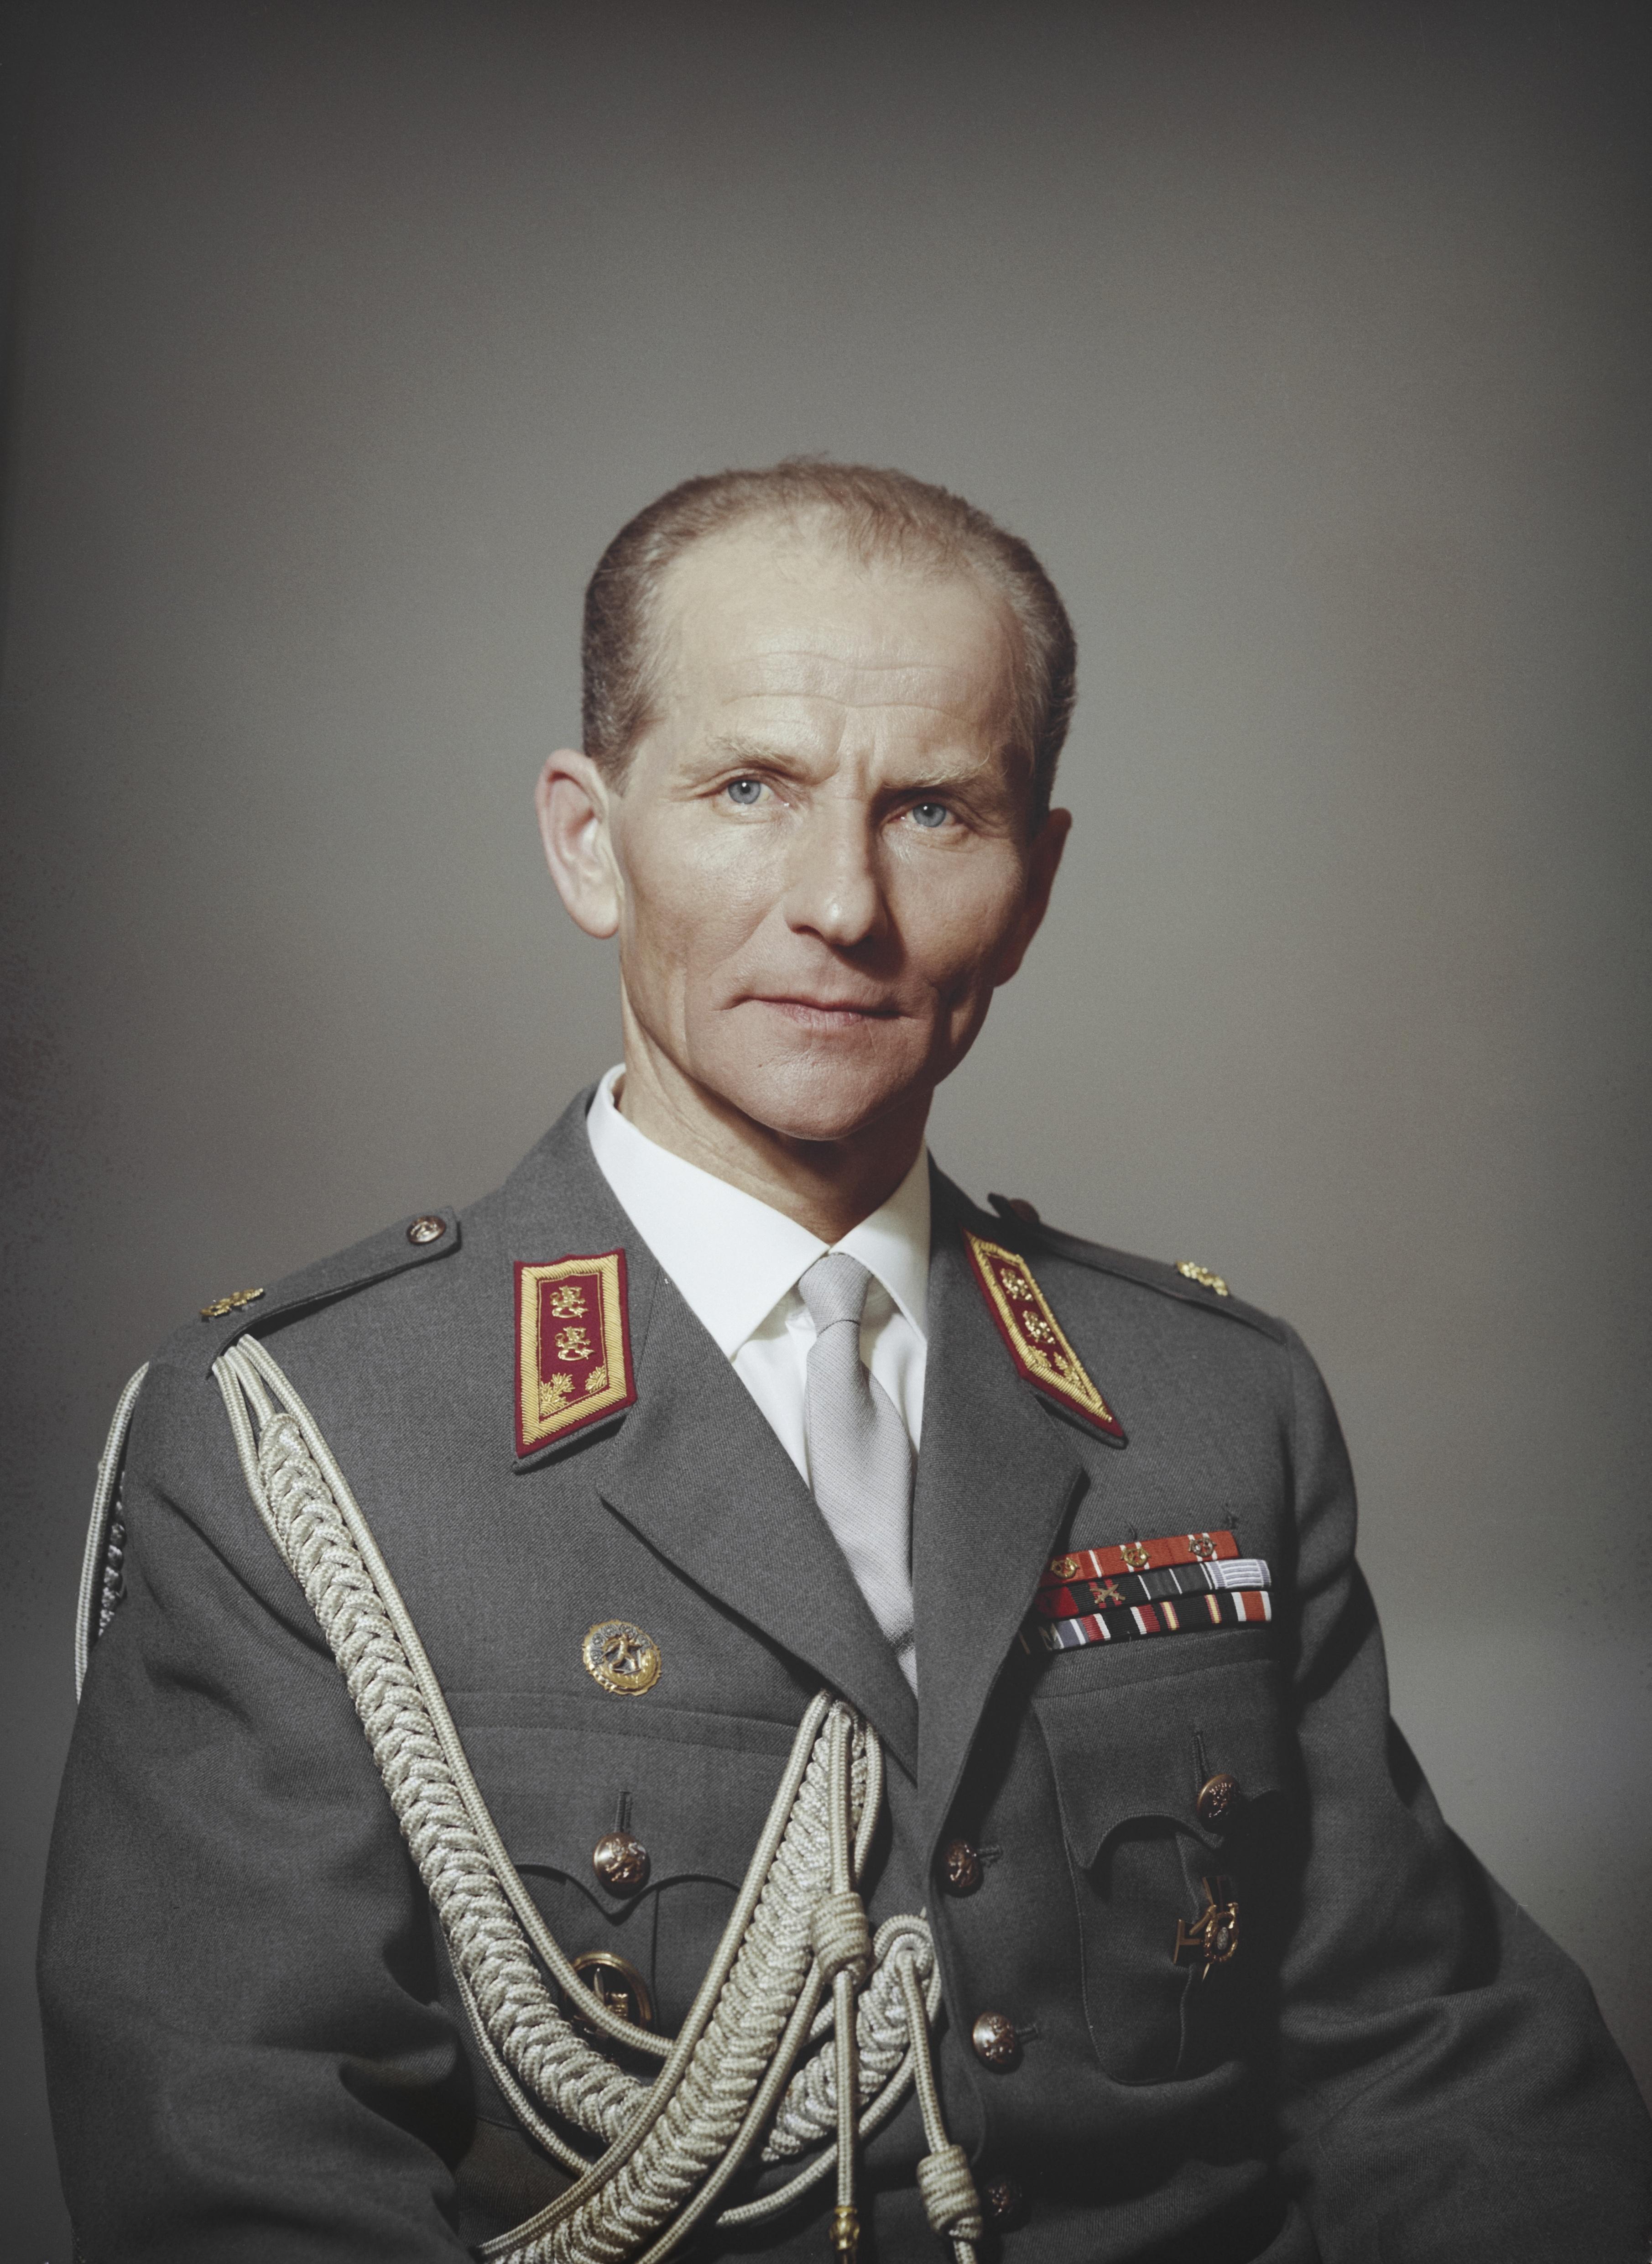 Yrjö Keinonen